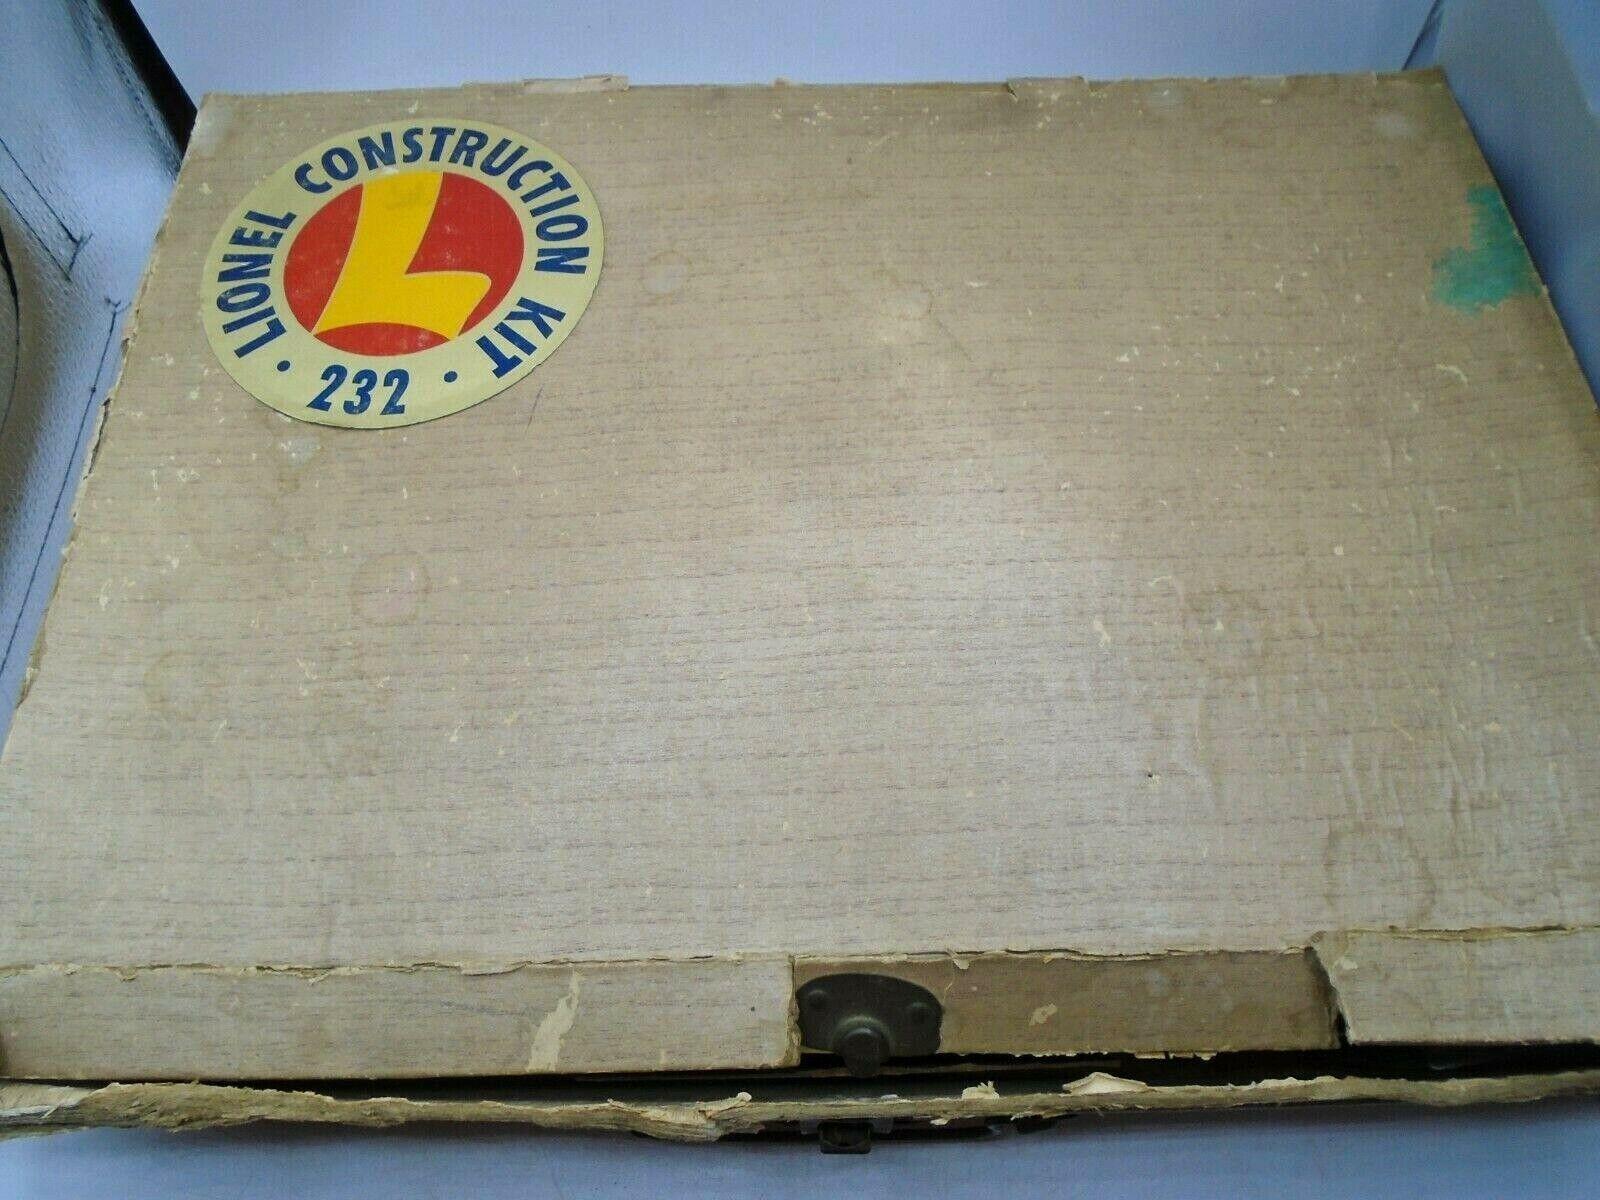 Lionel Construction Set in Original Box Sällsynt årgång With Motor